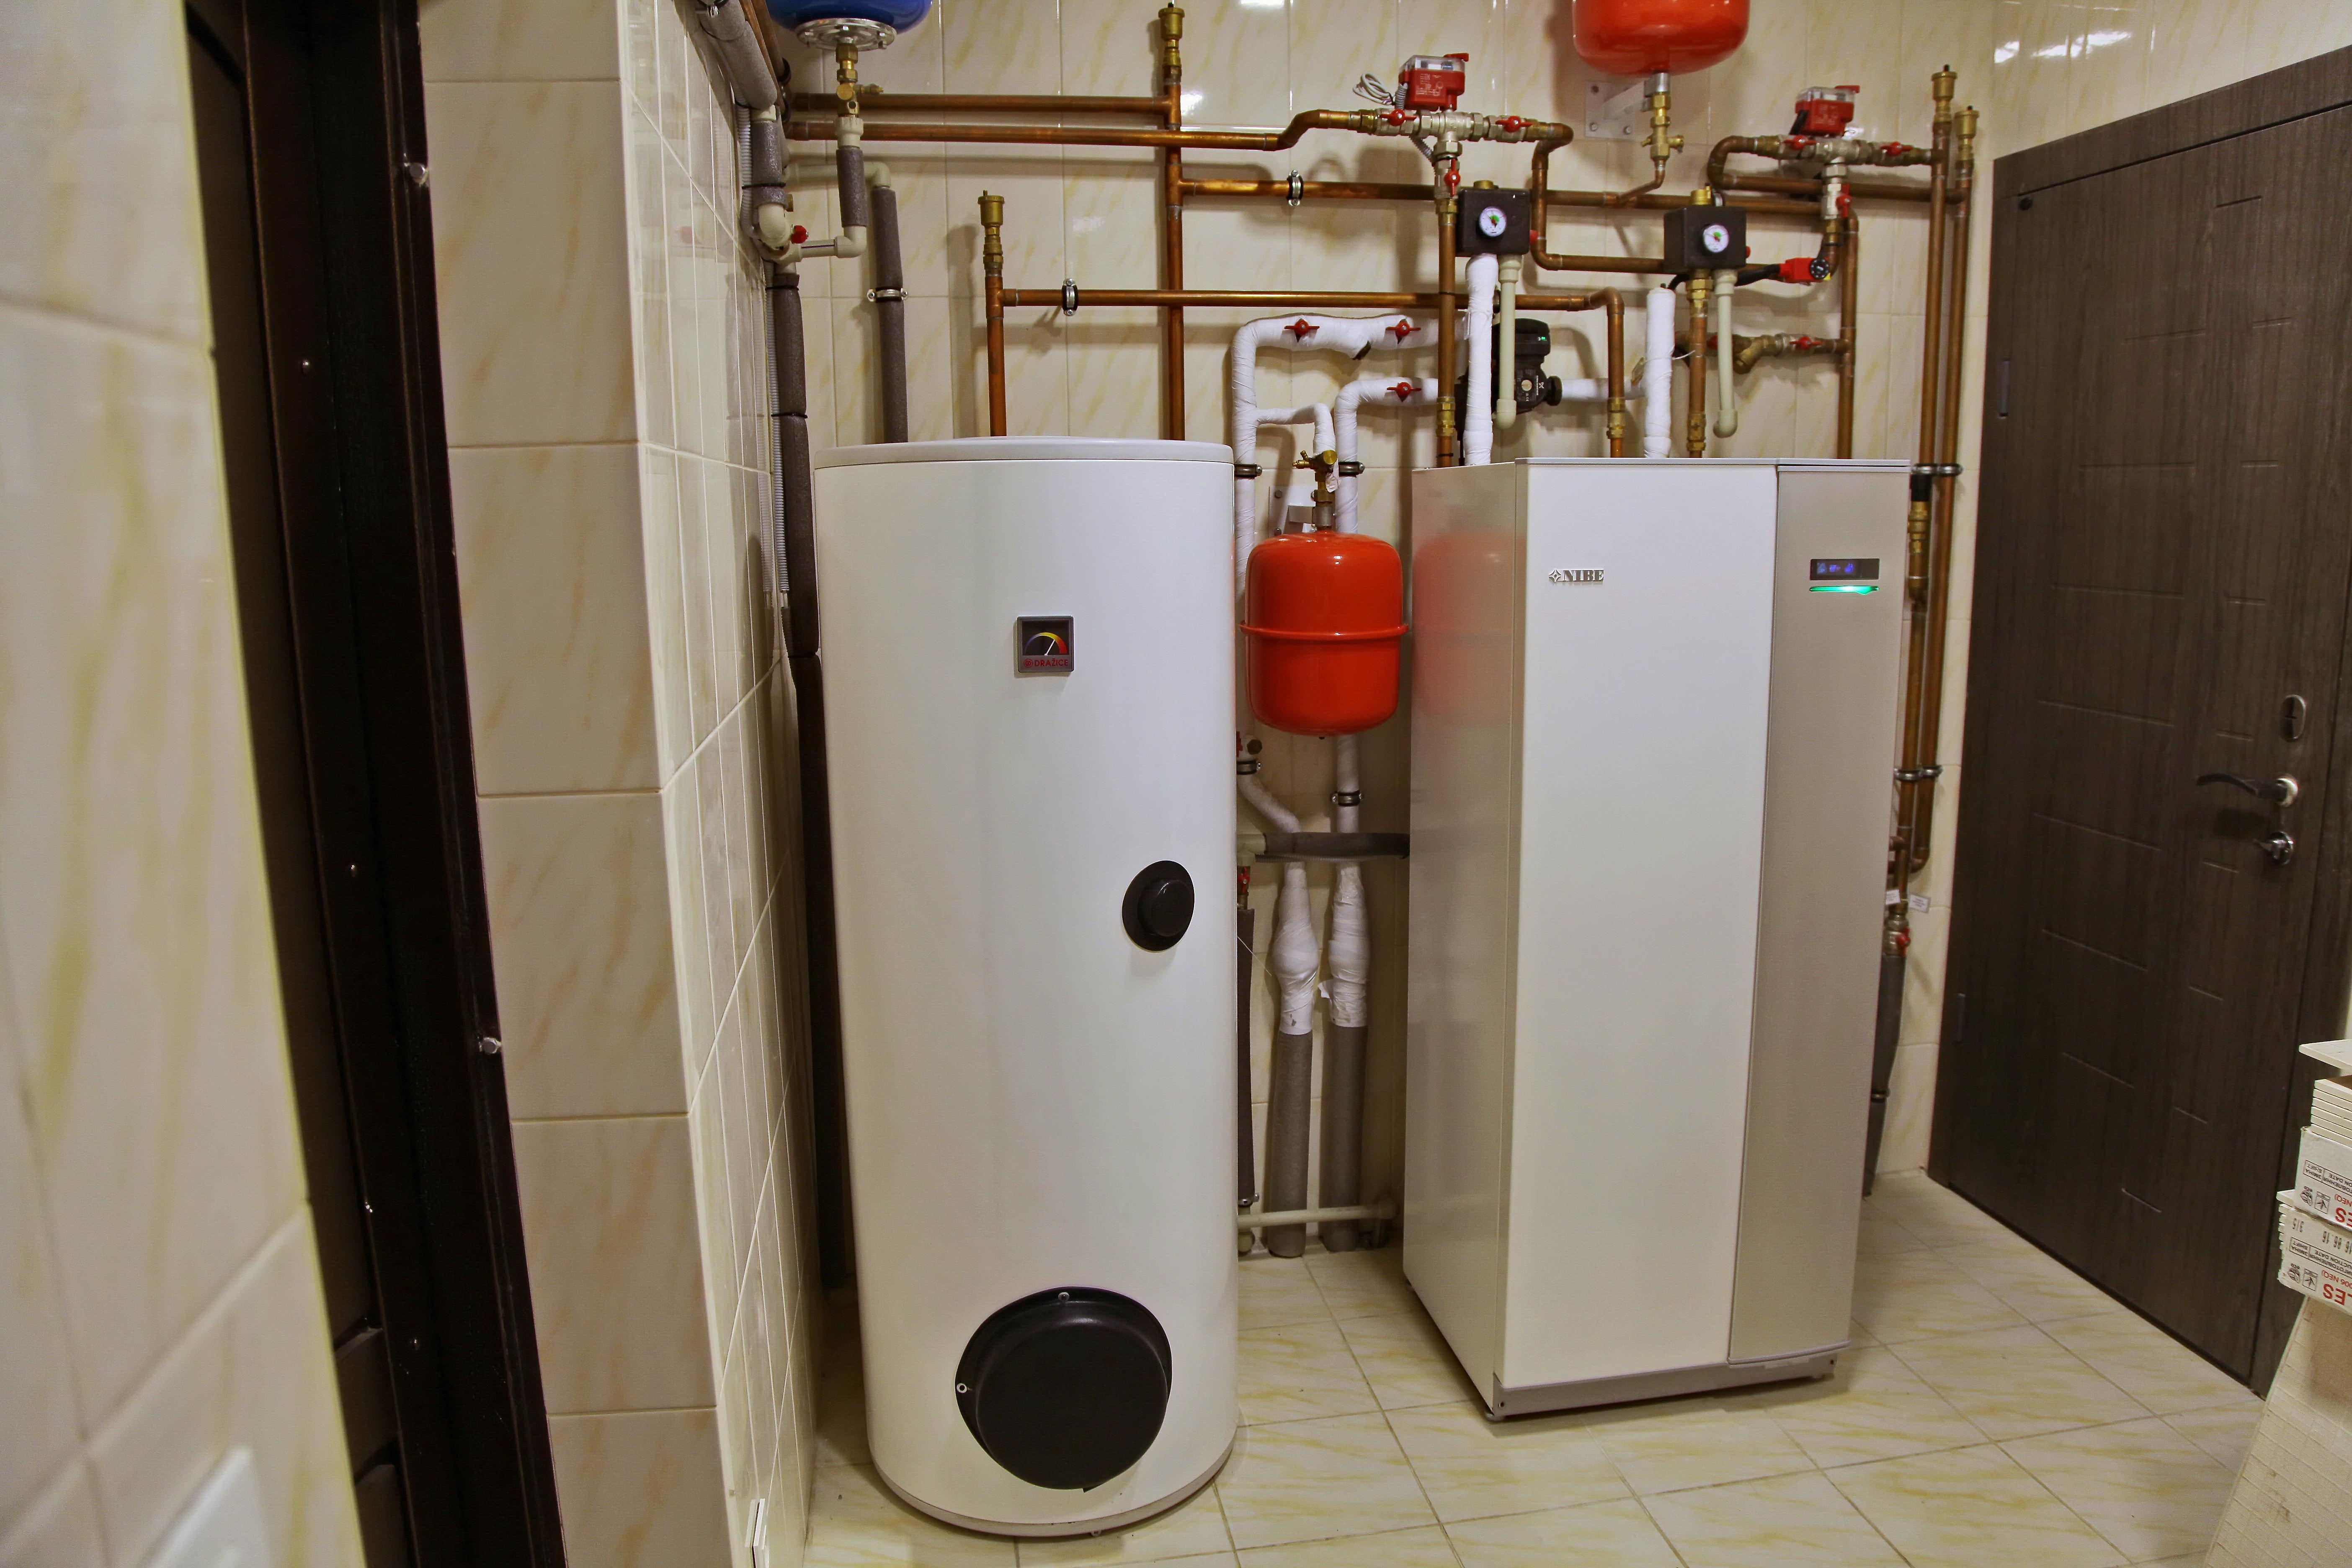 2017 год,  Святопетровское. Дом 200 кв м. Геотермальный тепловой насос NIBE F1145 PC 10 кВт (Швеция) обеспечивает экономичное отопление дома, нагрев бассейна, приготовление горячей воды в 200 л эффективном бойлере. Летом тепловой насос обеспечивает охлаждение дома холодными потолками.